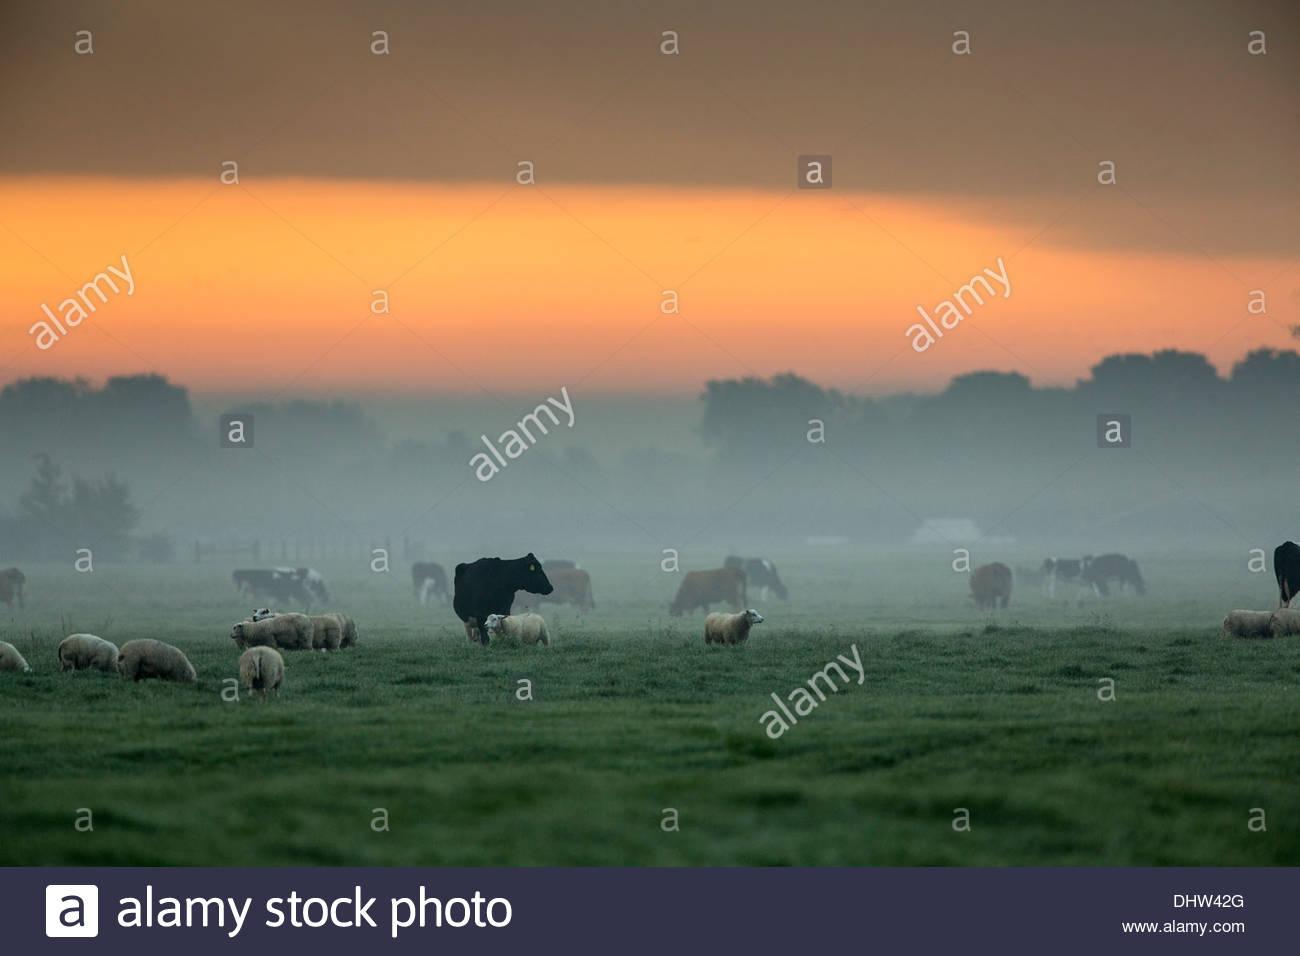 Pays-bas, Weesp, vaches et moutons dans le pré au lever du soleil Photo Stock